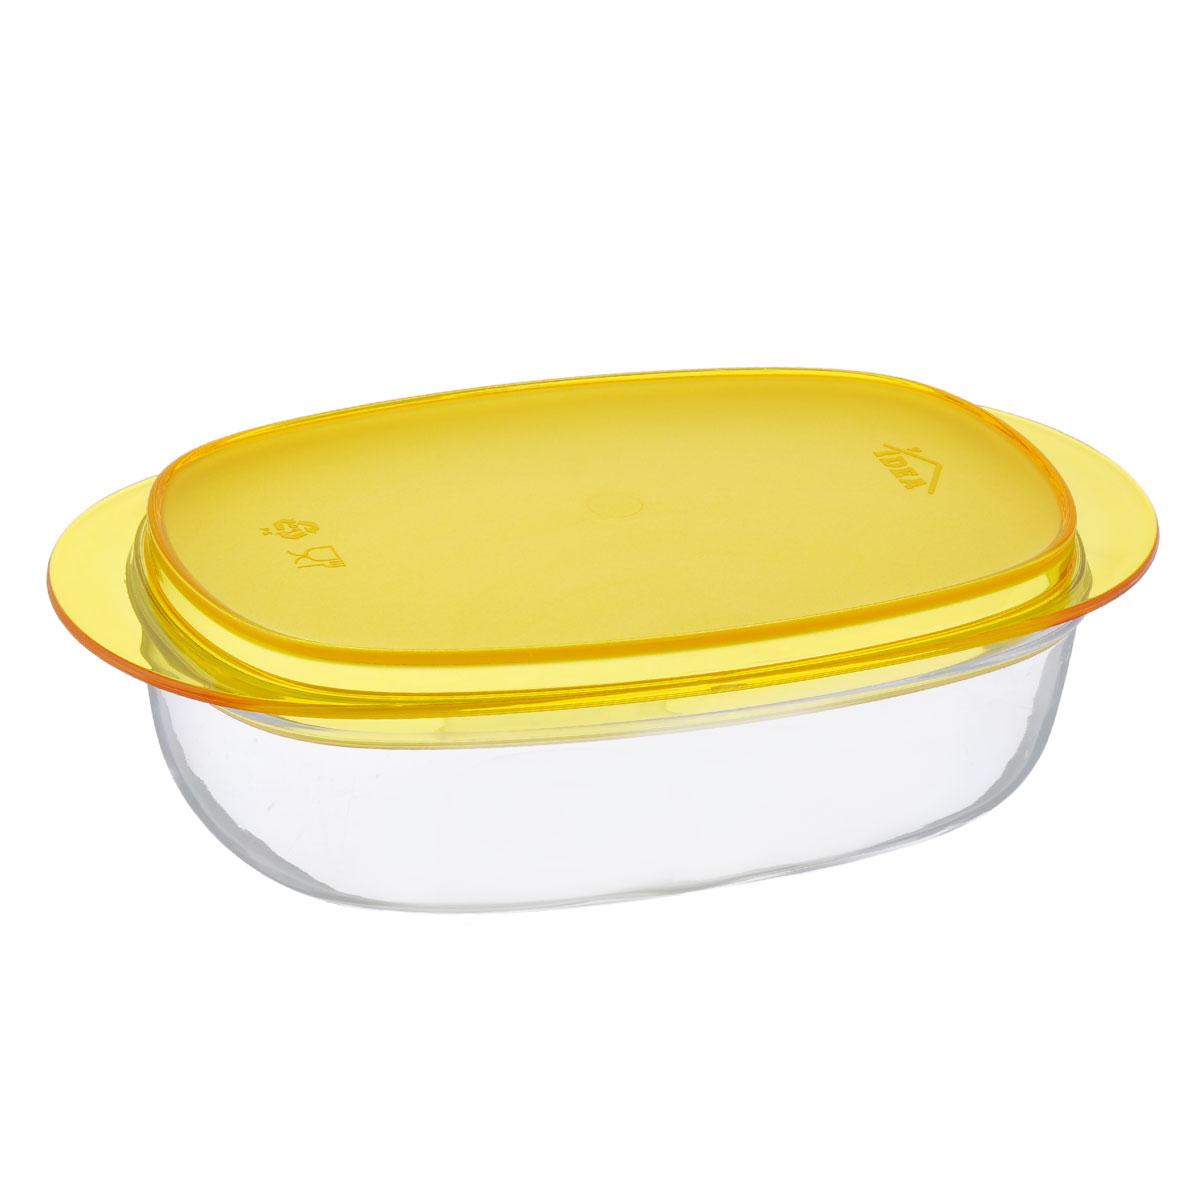 Масленка Idea Кристалл, цвет: оранжевый, прозрачный115510Масленка Idea Кристалл изготовлена из пищевого пластика. Изделие состоит из подноса и прозрачной крышки. Крышка плотно закрывается, сохраняя масло вкусным и свежим. Масленка Idea Кристалл станет прекрасным дополнением к коллекции ваших кухонных аксессуаров. Размер подноса: 19 см х 10,5 см х 1,5 см. Размер крышки: 16 см х 9,5 см х 5 см.